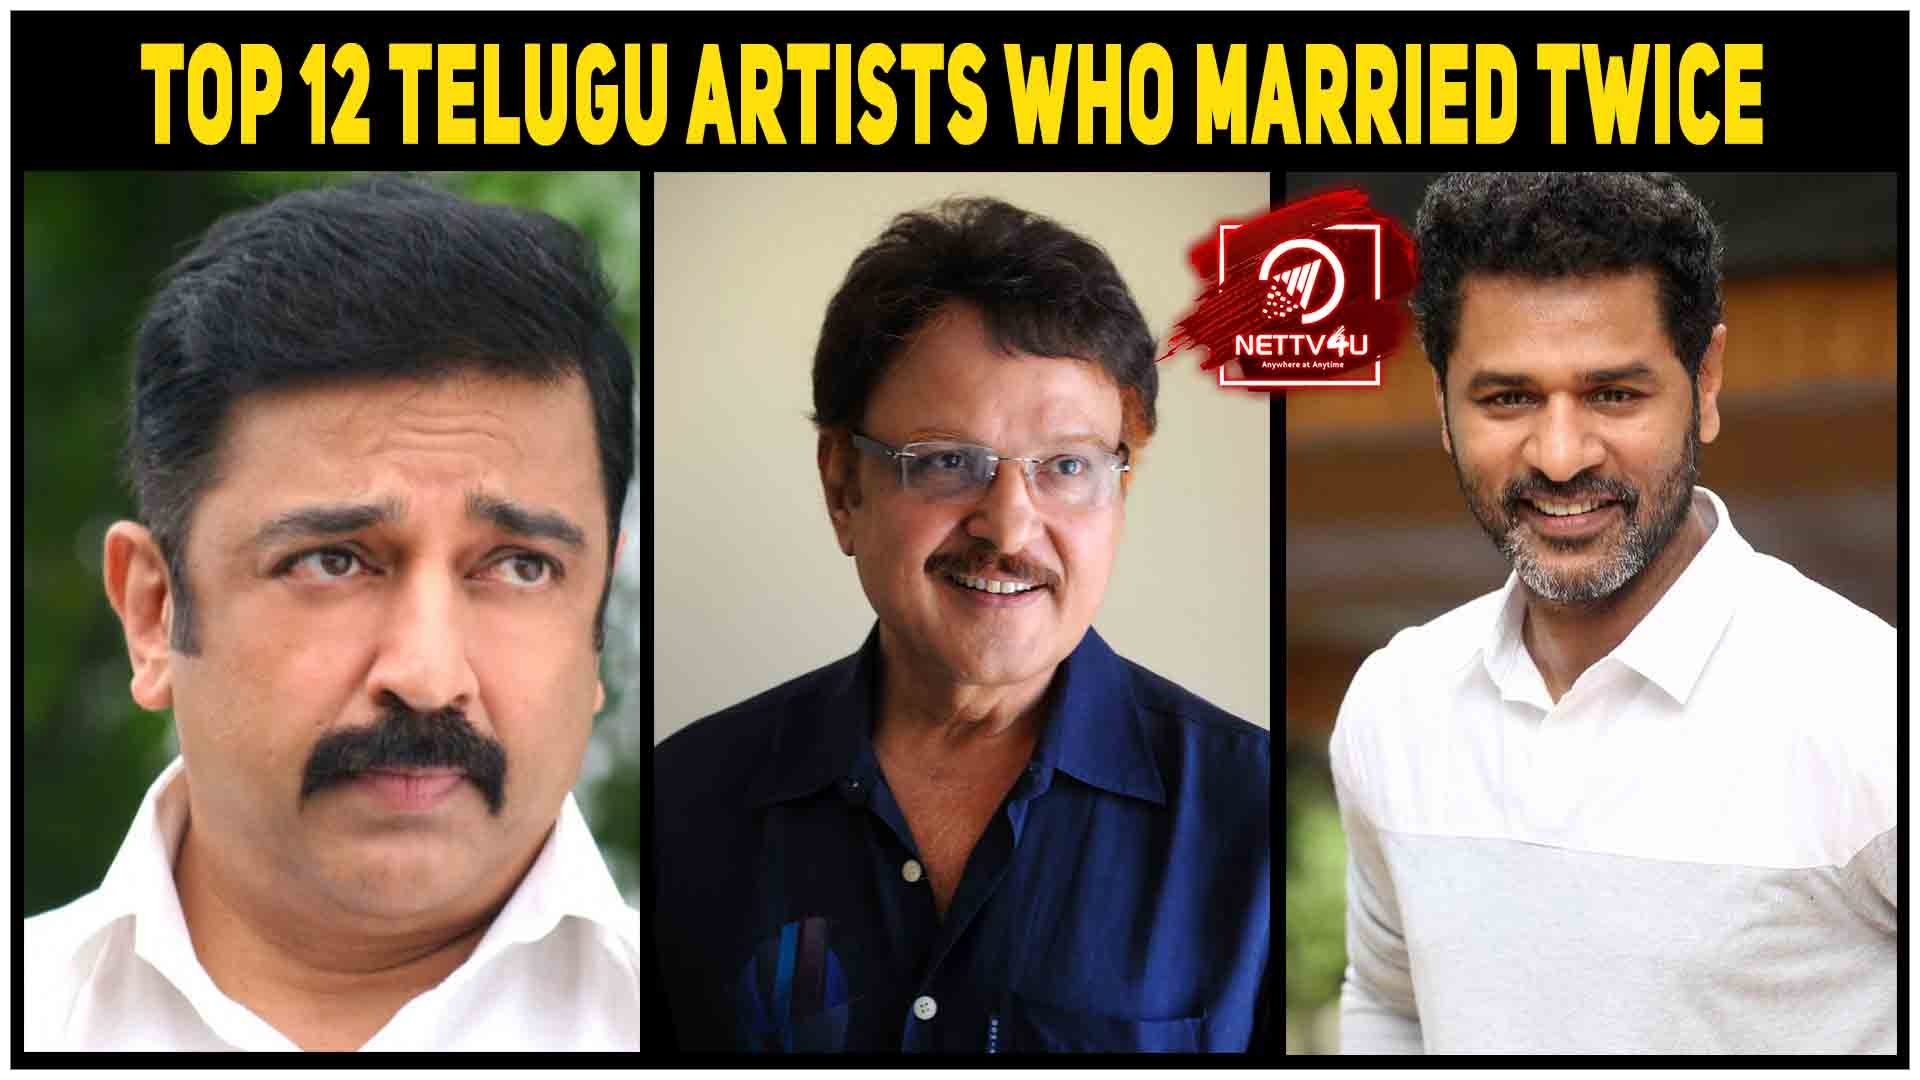 Top 12 Telugu Artists Who Married Twice